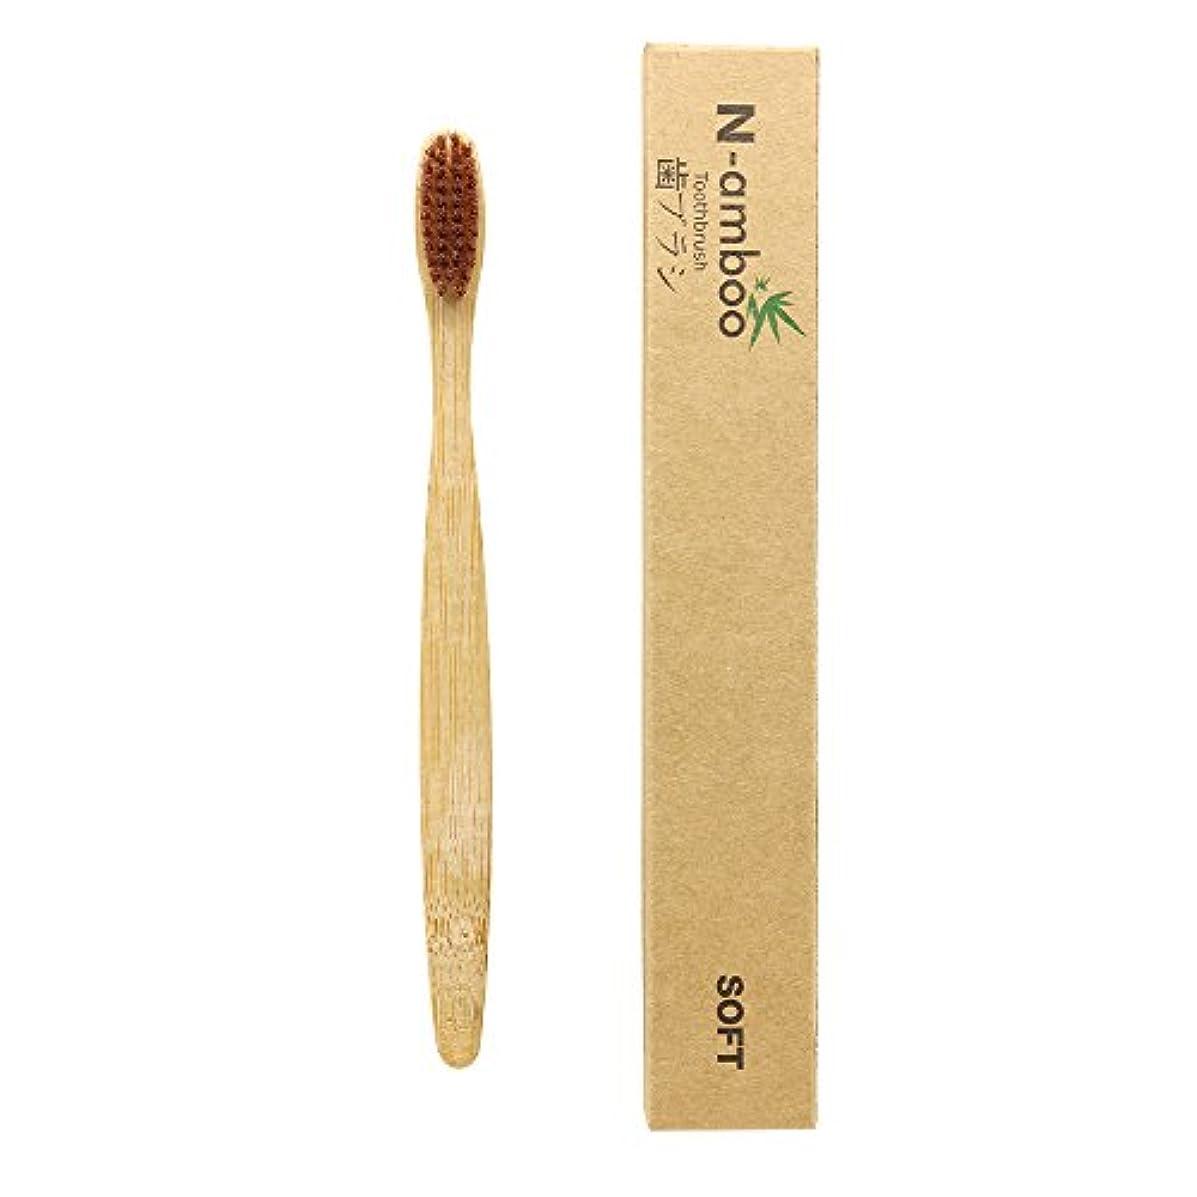 賞是正気分が悪いN-amboo 竹製耐久度高い 歯ブラシ 茶褐色 1本入り